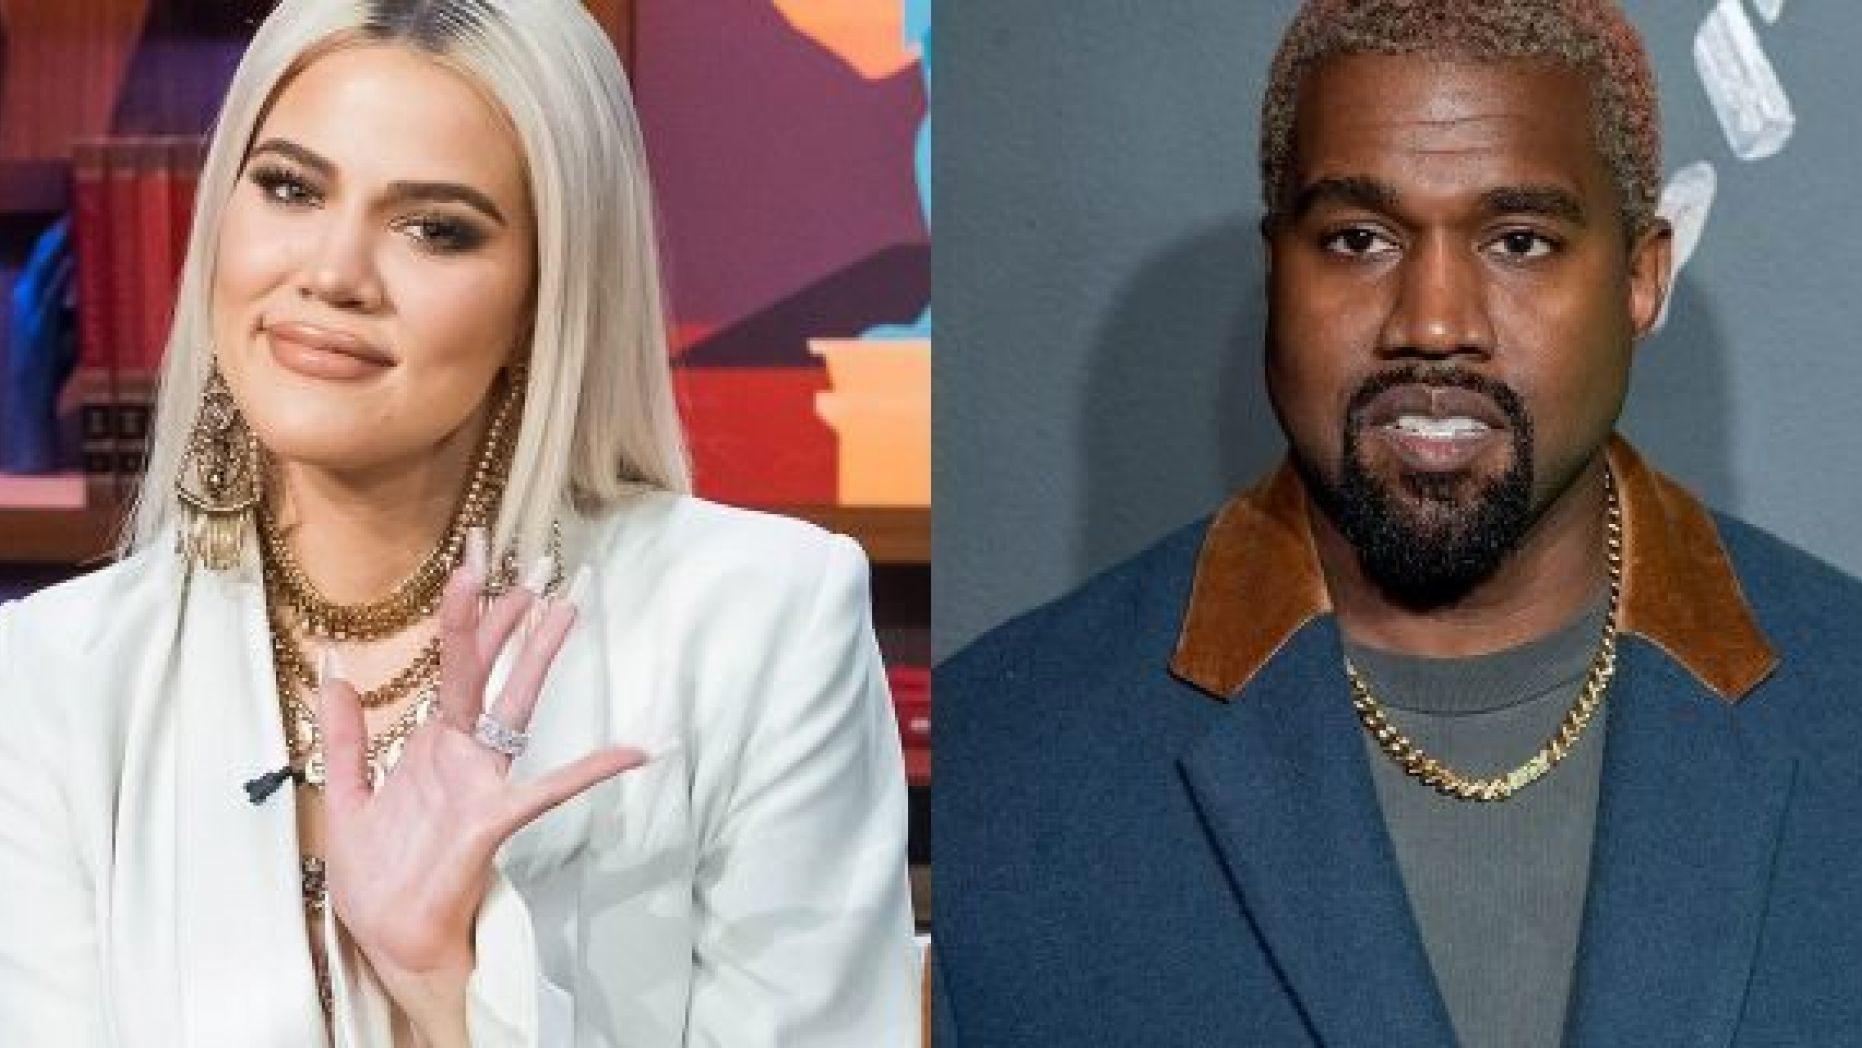 Khloe and Kanye